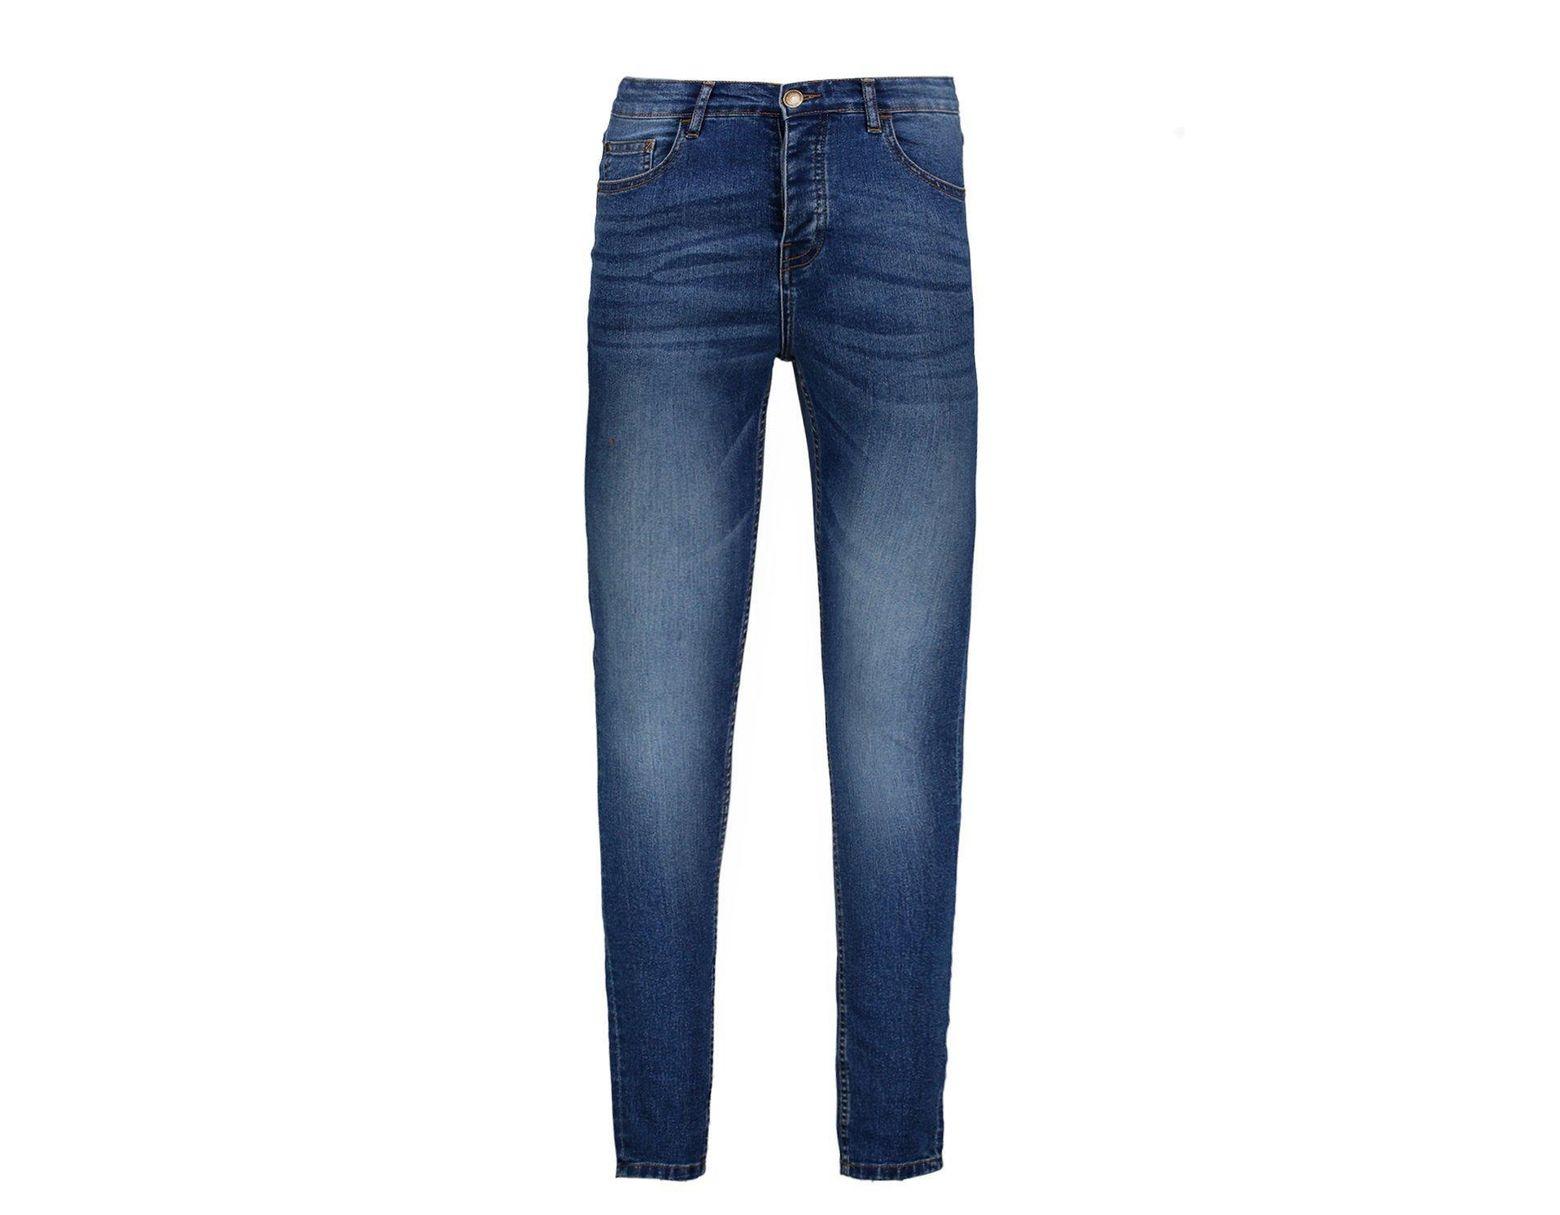 9bdf8323e8aed Boohoo Spray On Skinny Jeans in blauer Waschung in Blau für Herren ...